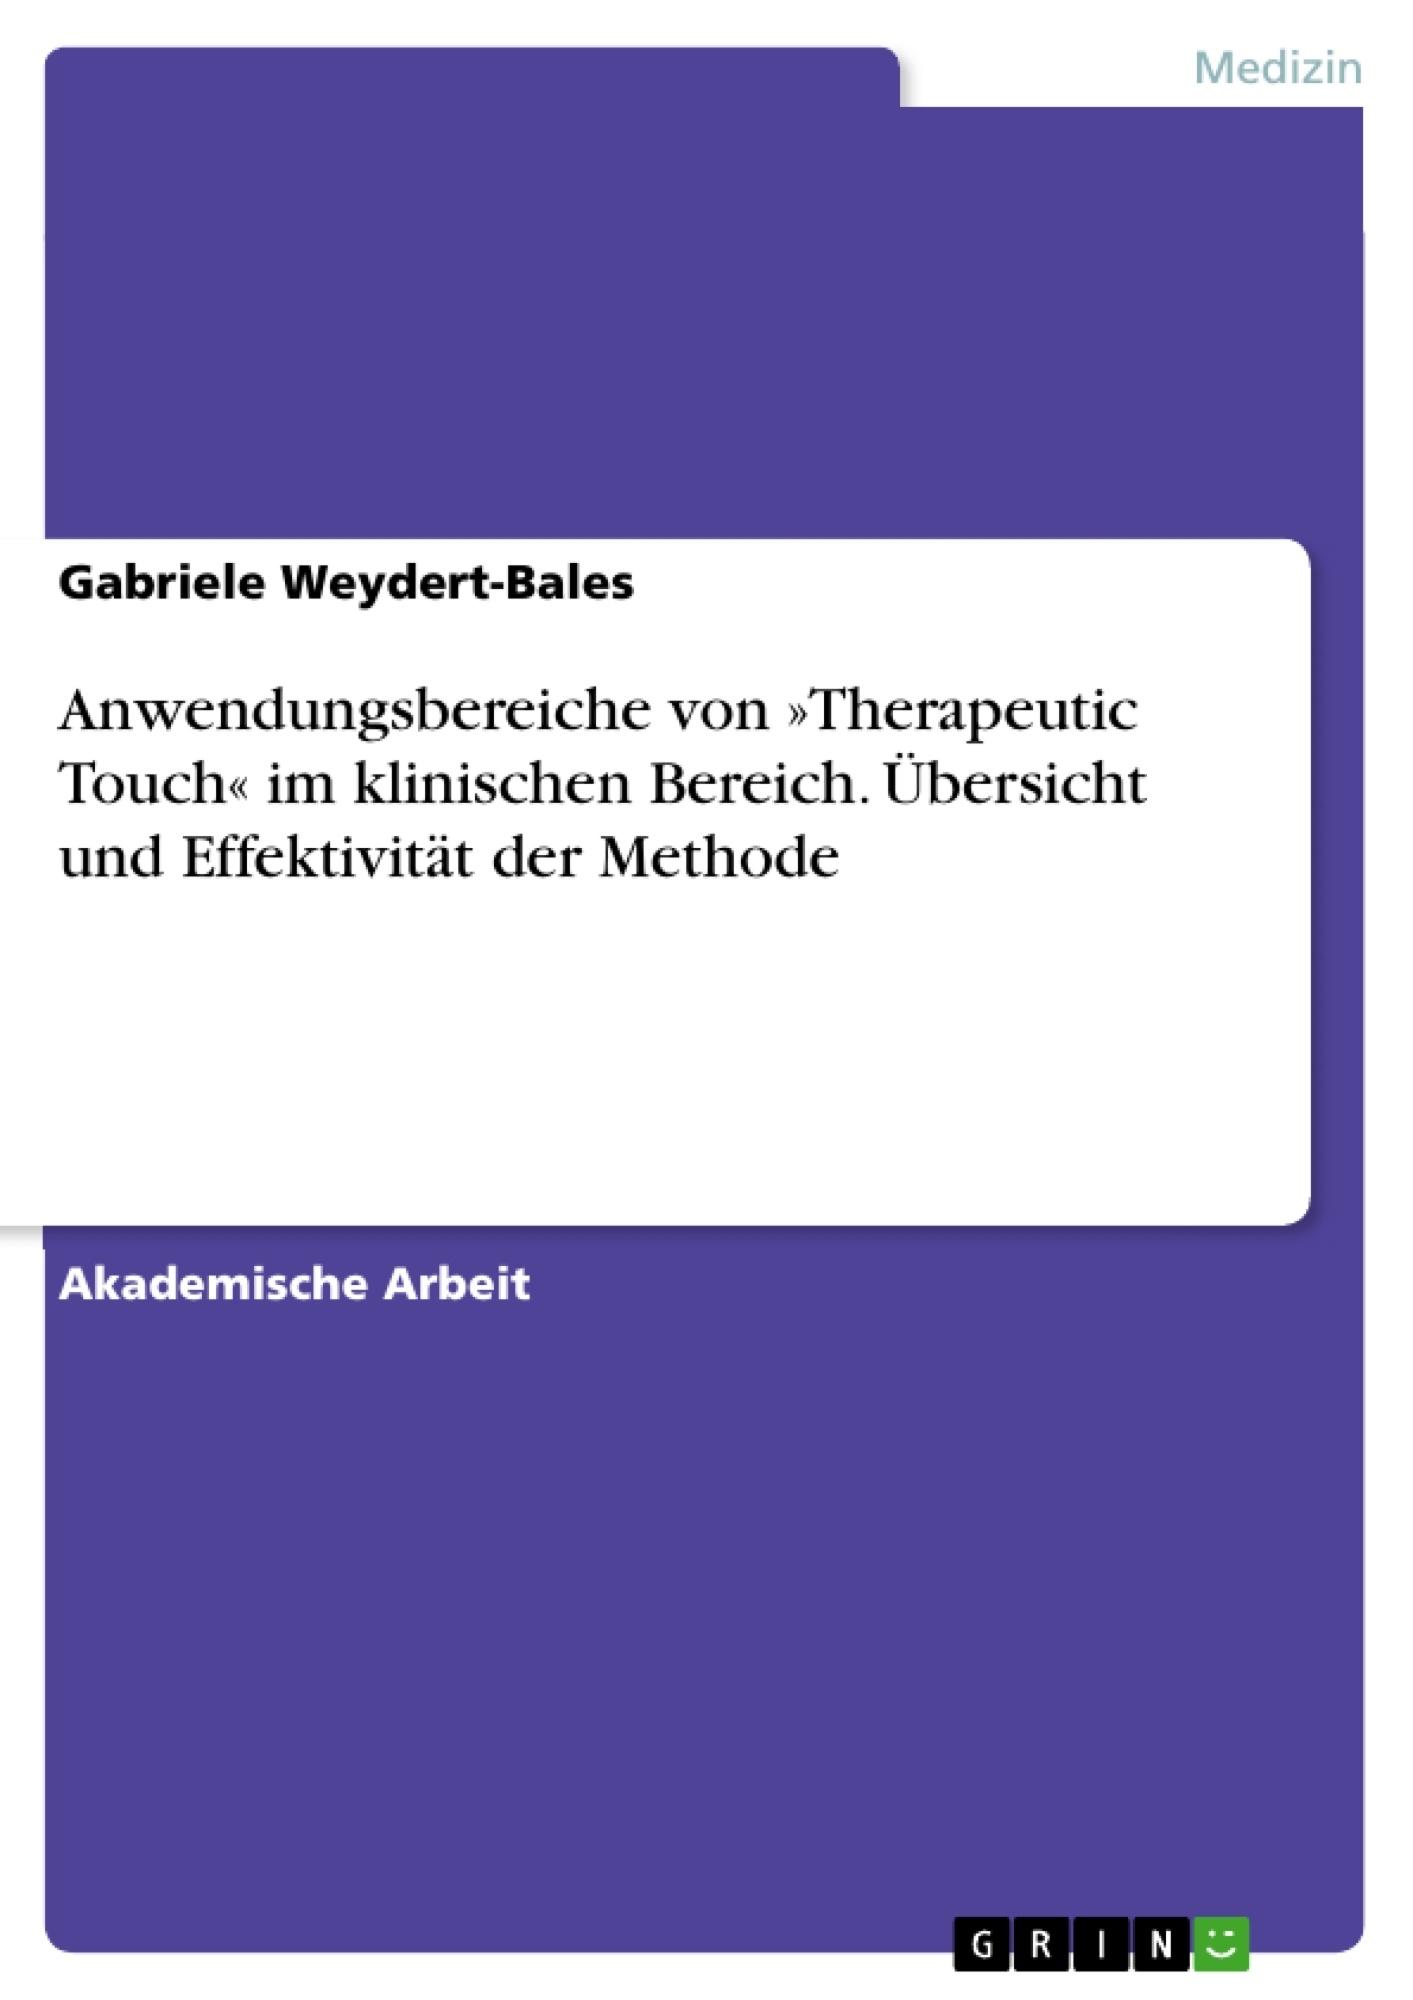 Titel: Anwendungsbereiche von »Therapeutic Touch« im klinischen Bereich. Übersicht und Effektivität der Methode